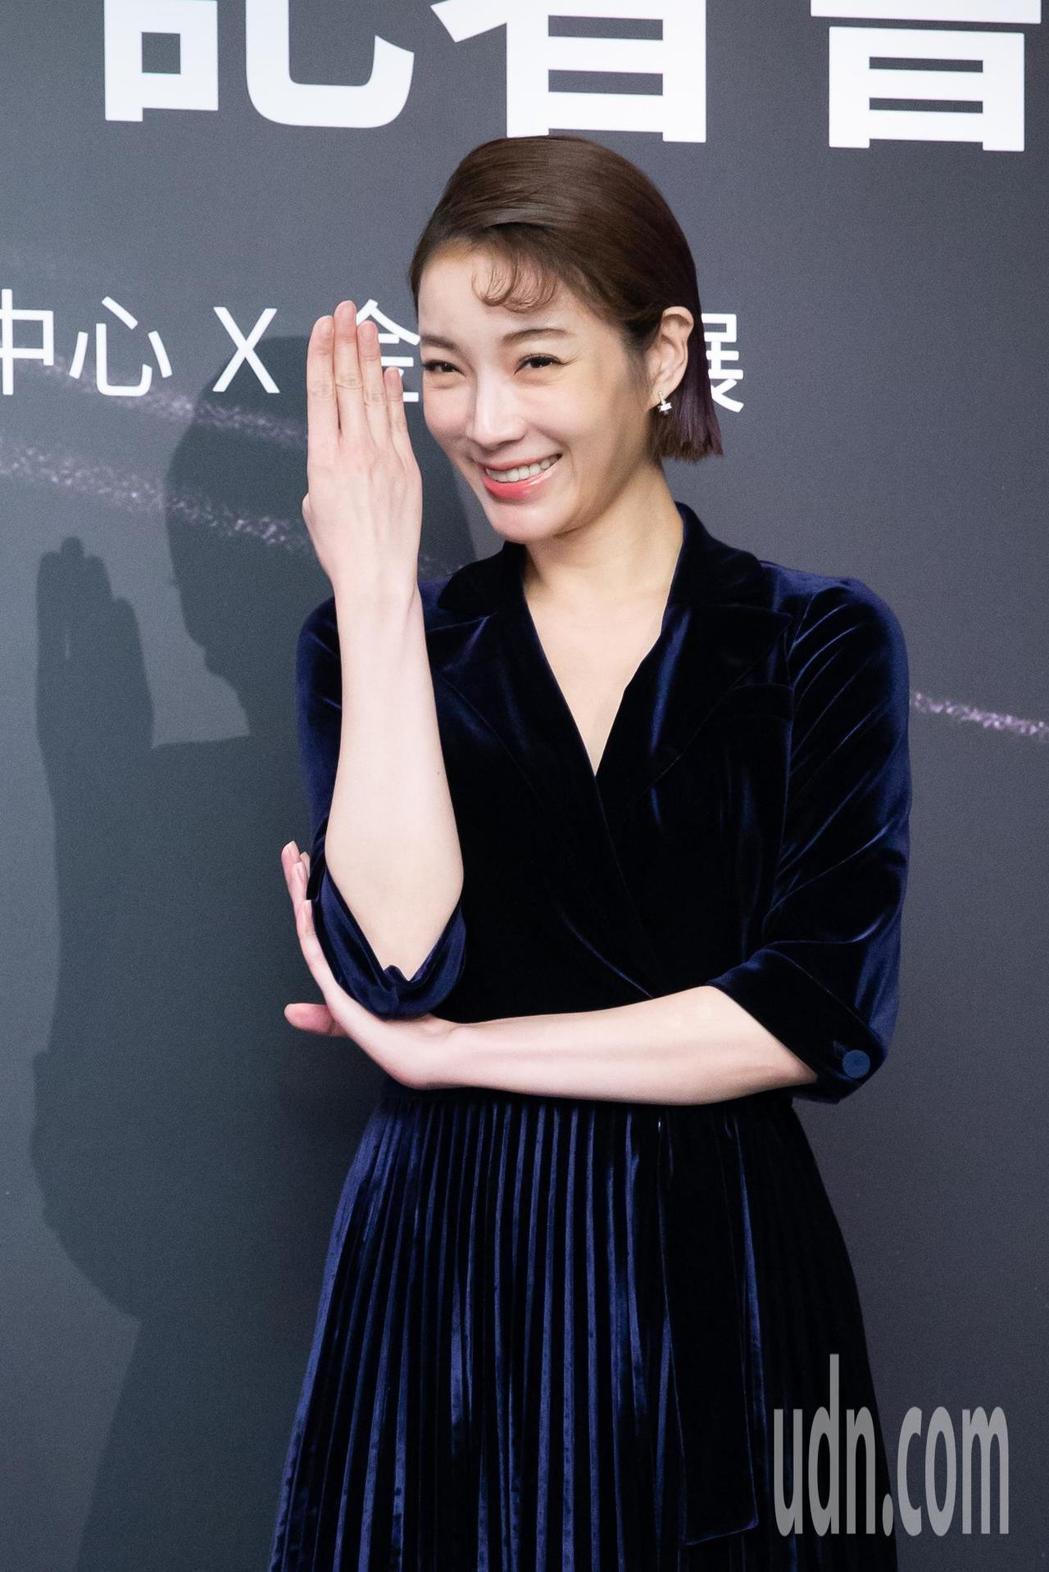 蔡淑臻亮麗出席新片首映活動。記者季相儒/攝影